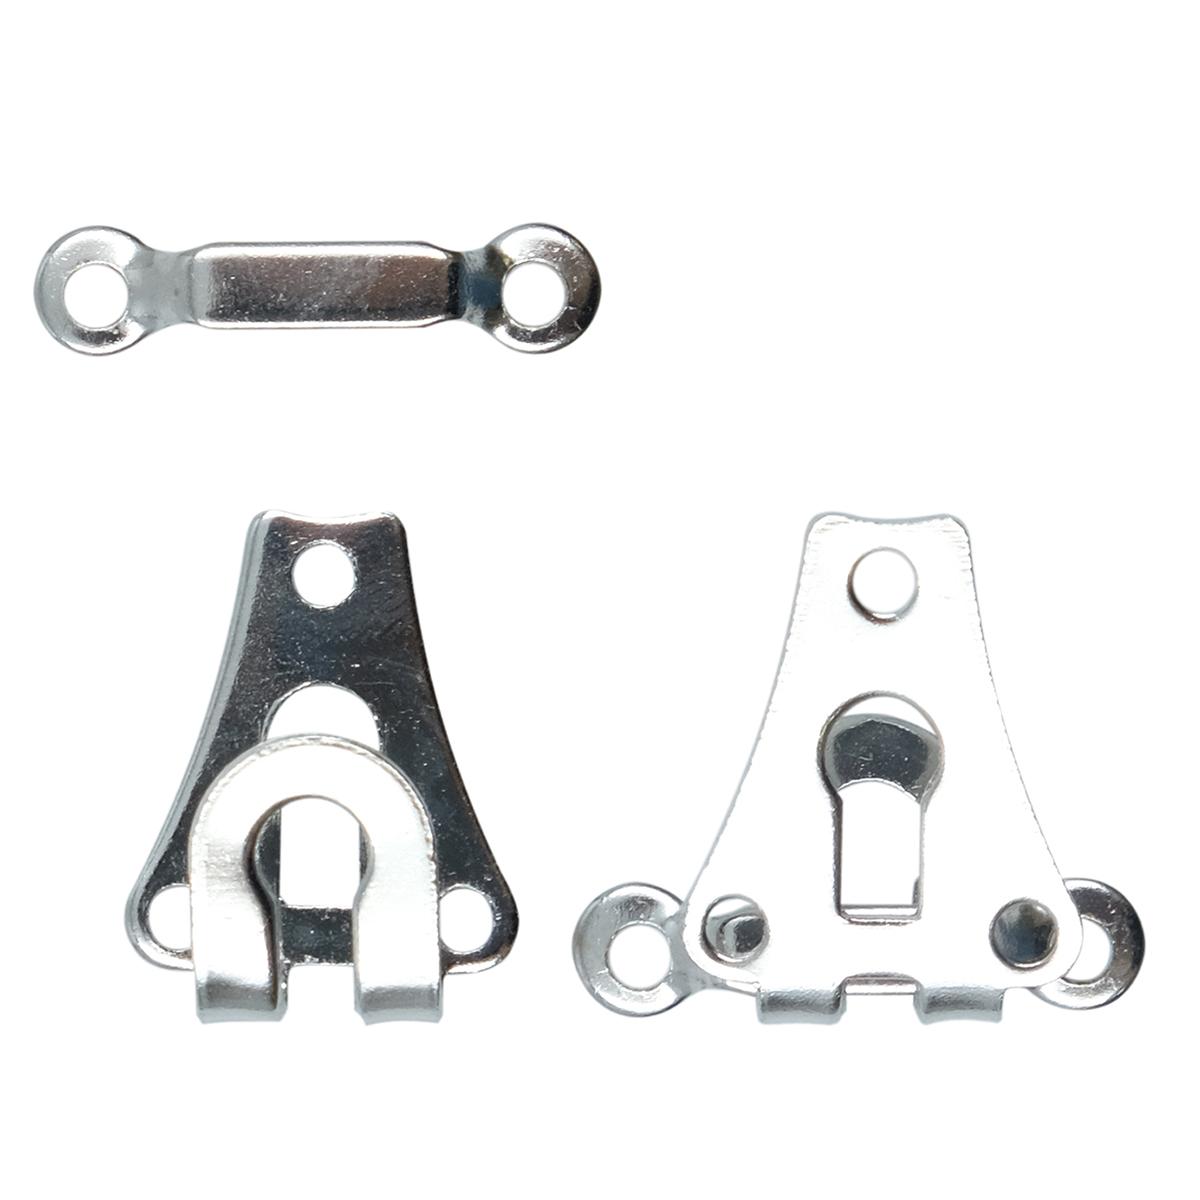 265227 Крючок для брюк и юбок с дугой (сталь) серебристый цв.9 мм Prym